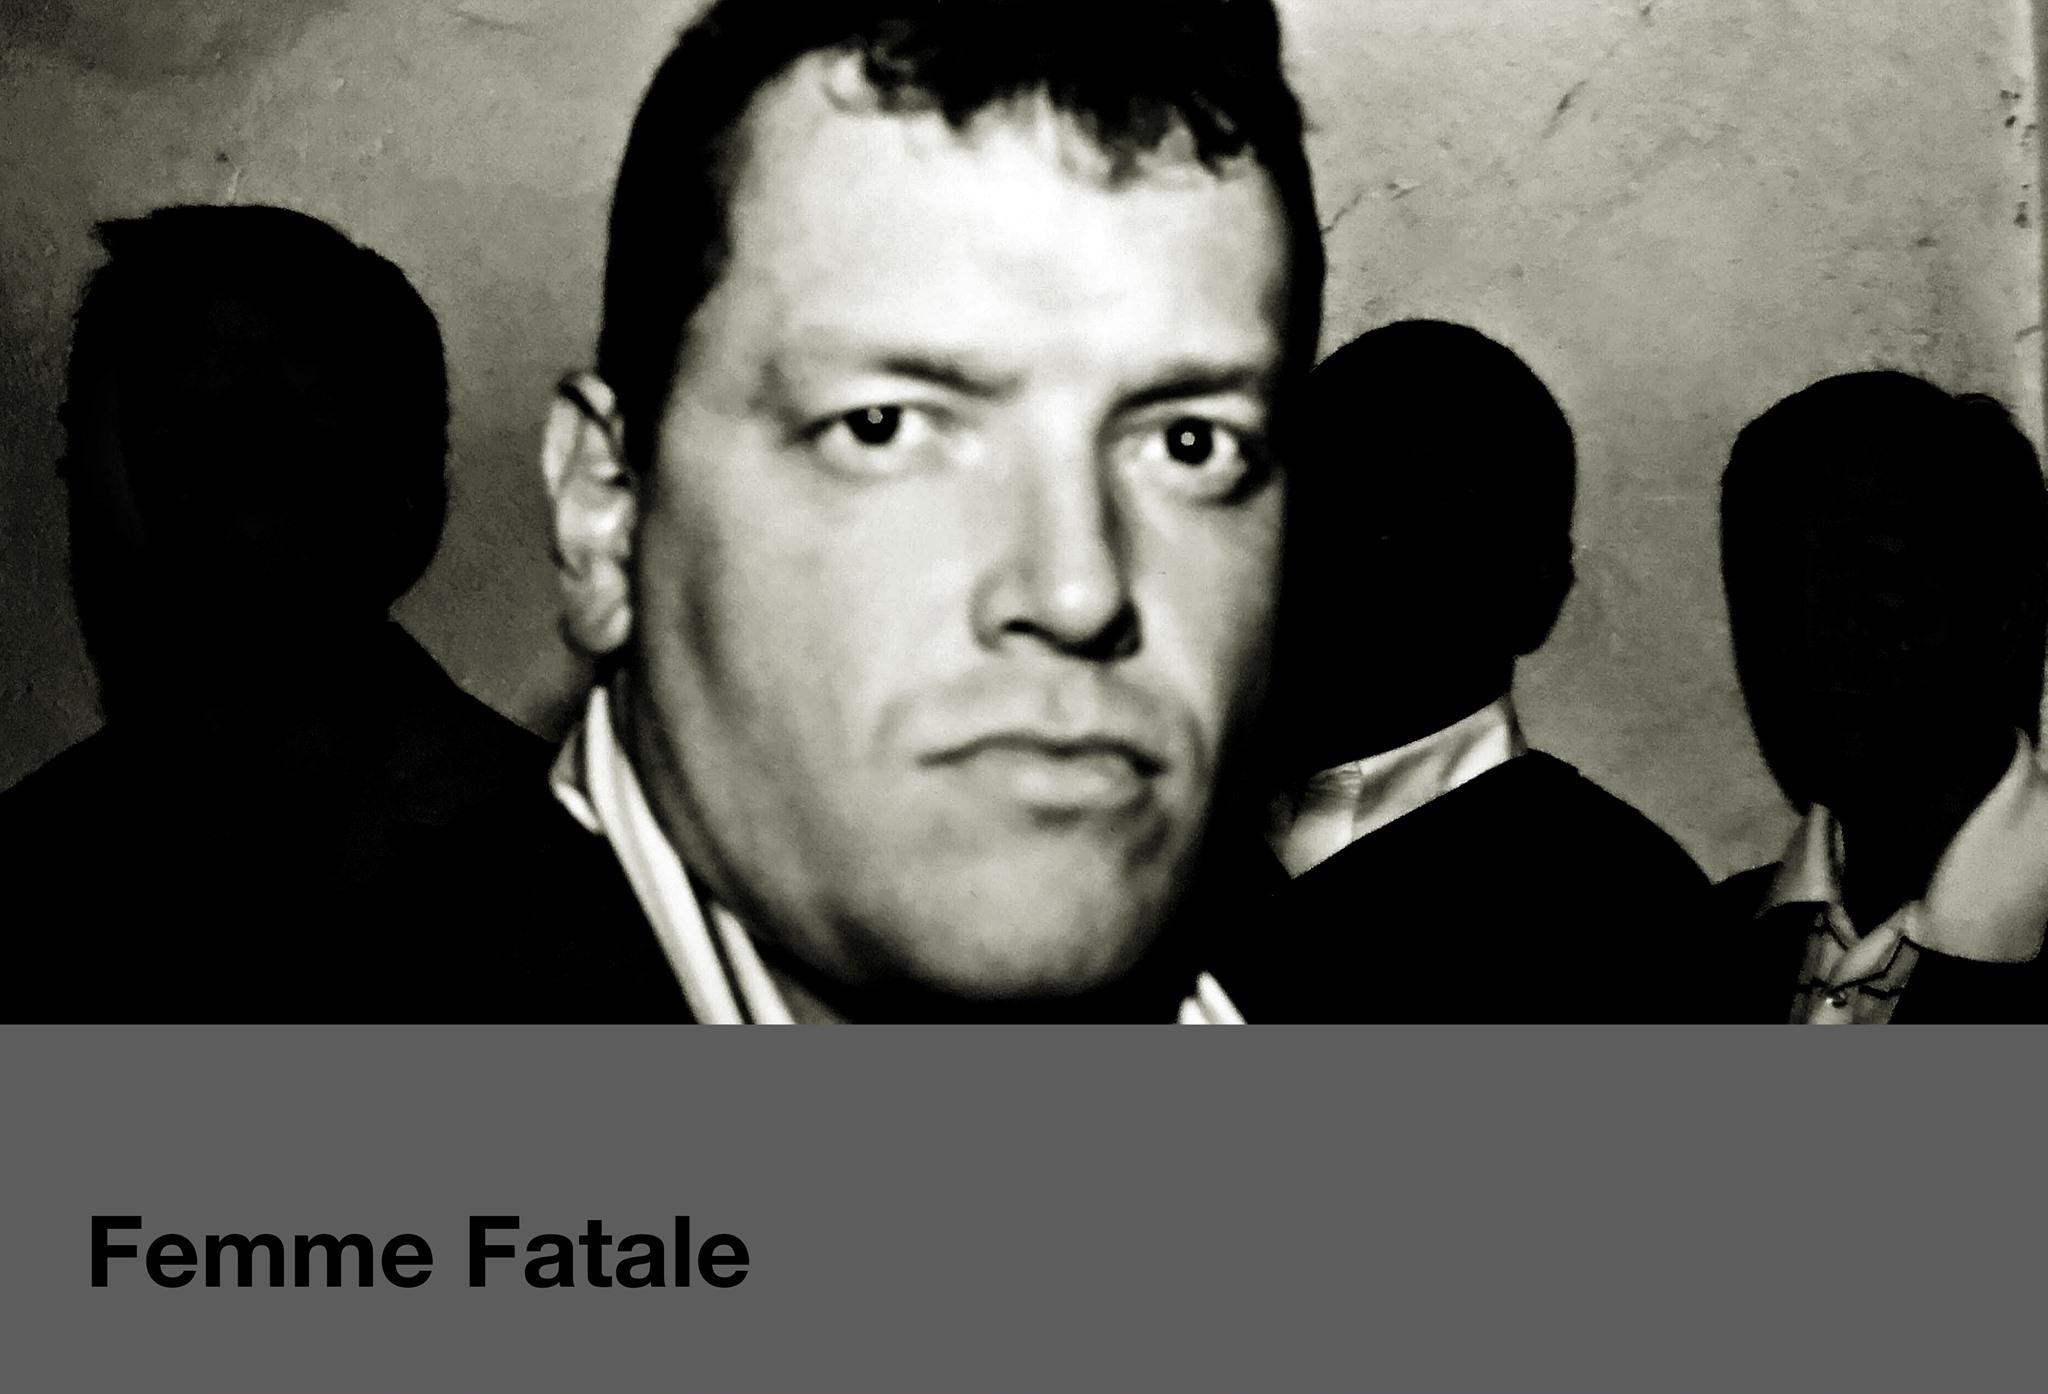 PERMAFROST release new single 'Femme Fatale' - Listen Now!